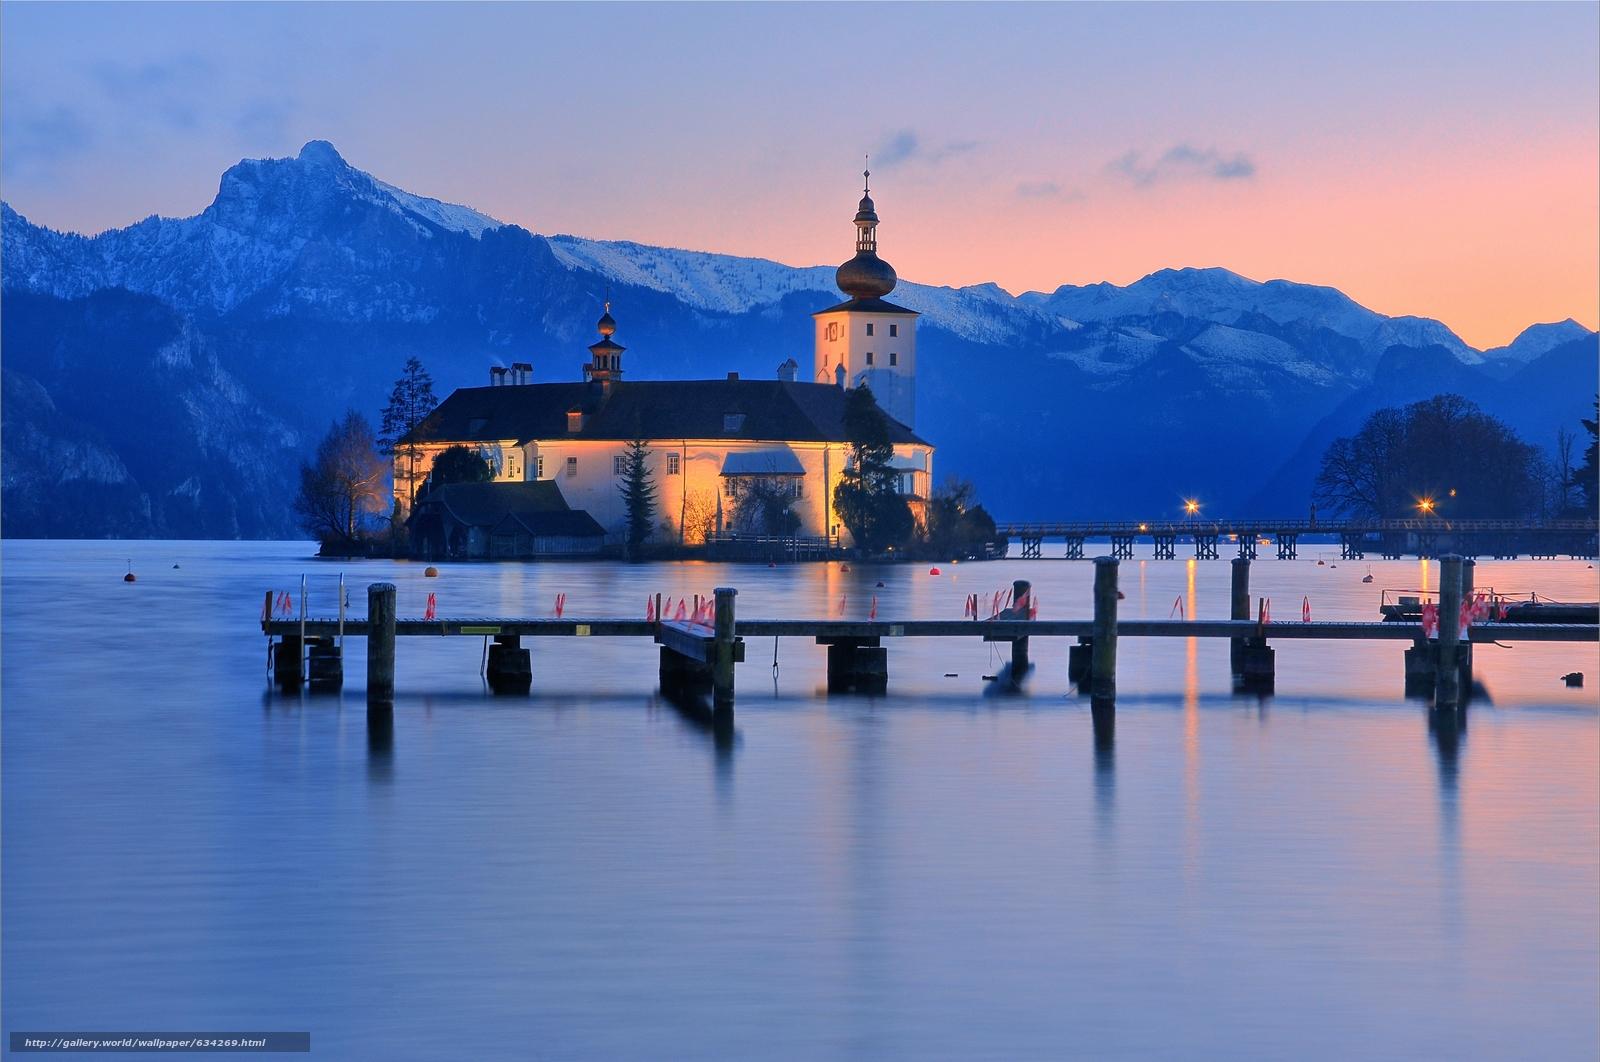 下载壁纸 格蒙登,  特劳恩湖,  奥地利 免费为您的桌面分辨率的壁纸 4292x2848 — 图片 №634269